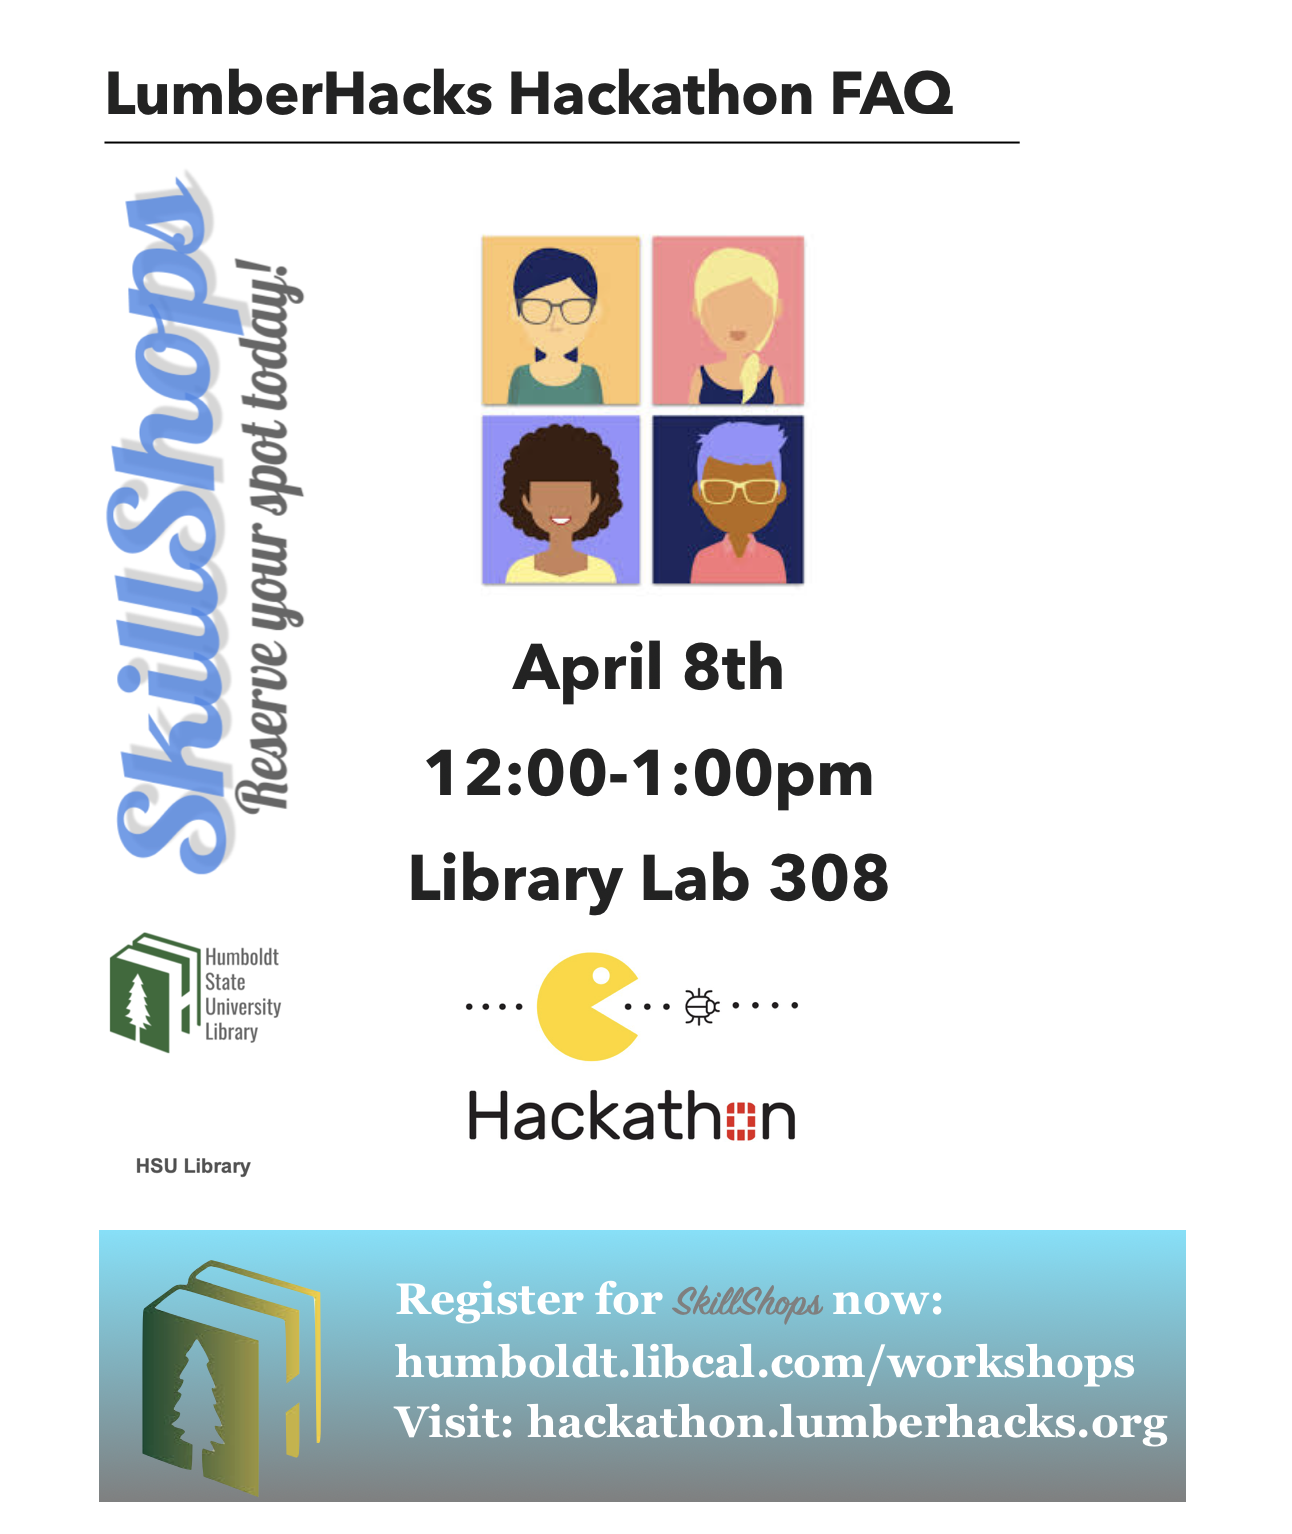 LumberHacks Hackathon FAQ